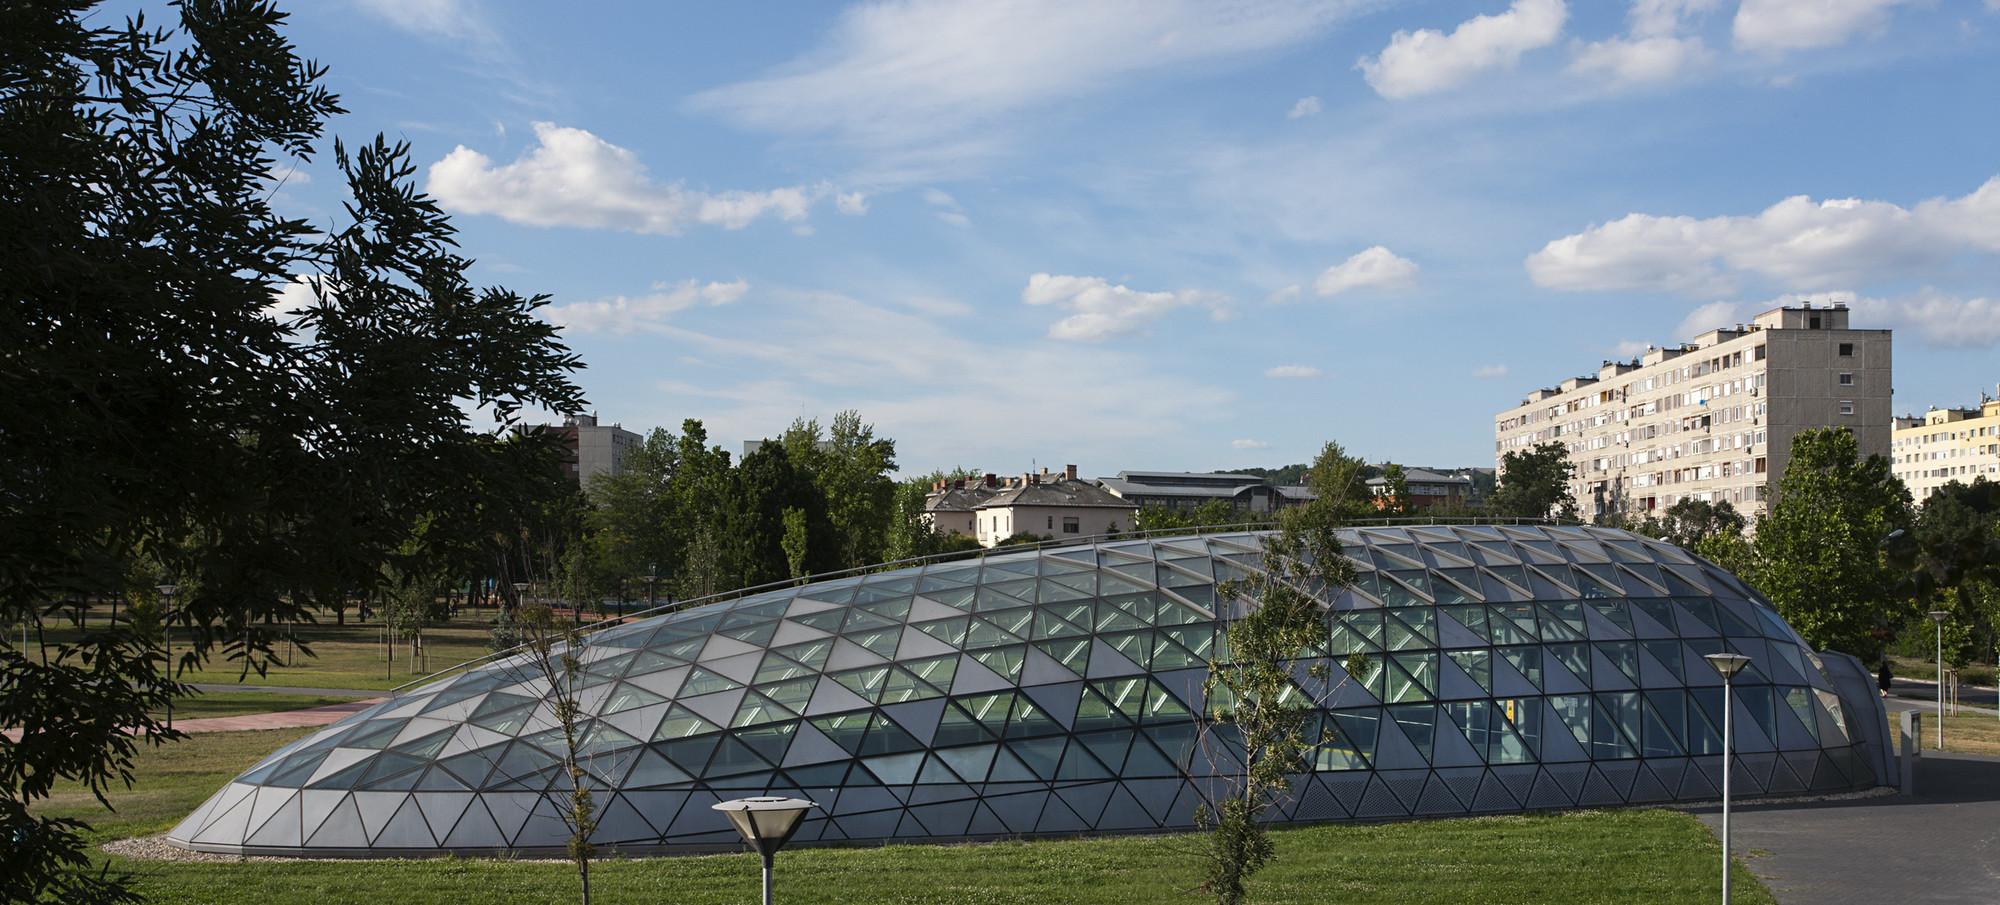 galeria de linha de metr m4 de budapeste esta o bik s park palatium studio 11. Black Bedroom Furniture Sets. Home Design Ideas